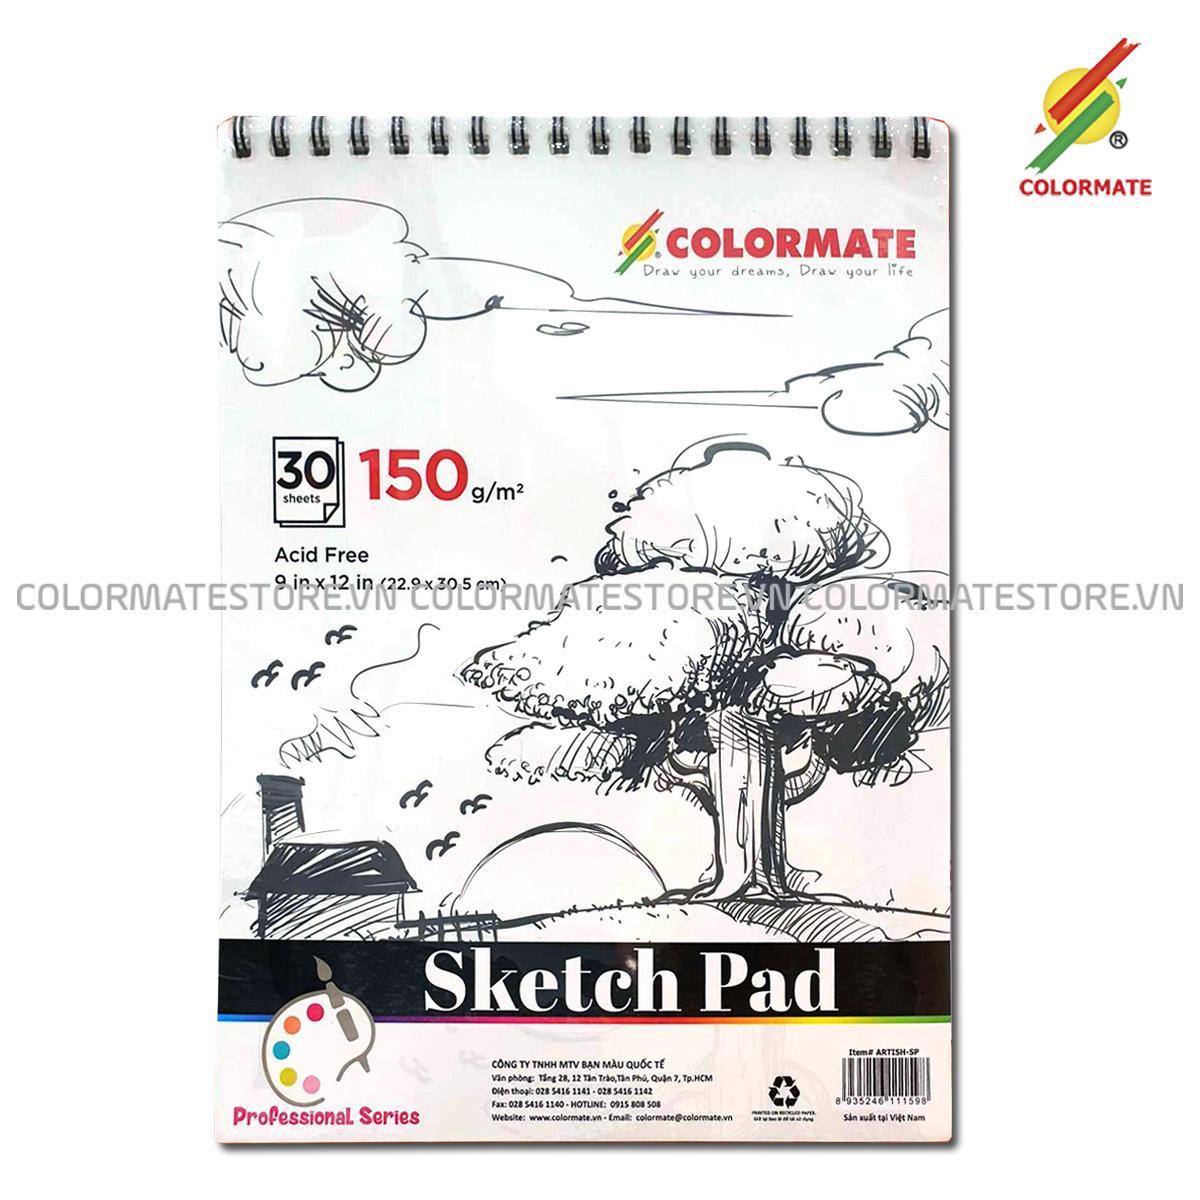 Tập Giấy Vẽ Sketch Pad A4 Định Lượng 150GMS 30 Tờ Với Giá Sốc